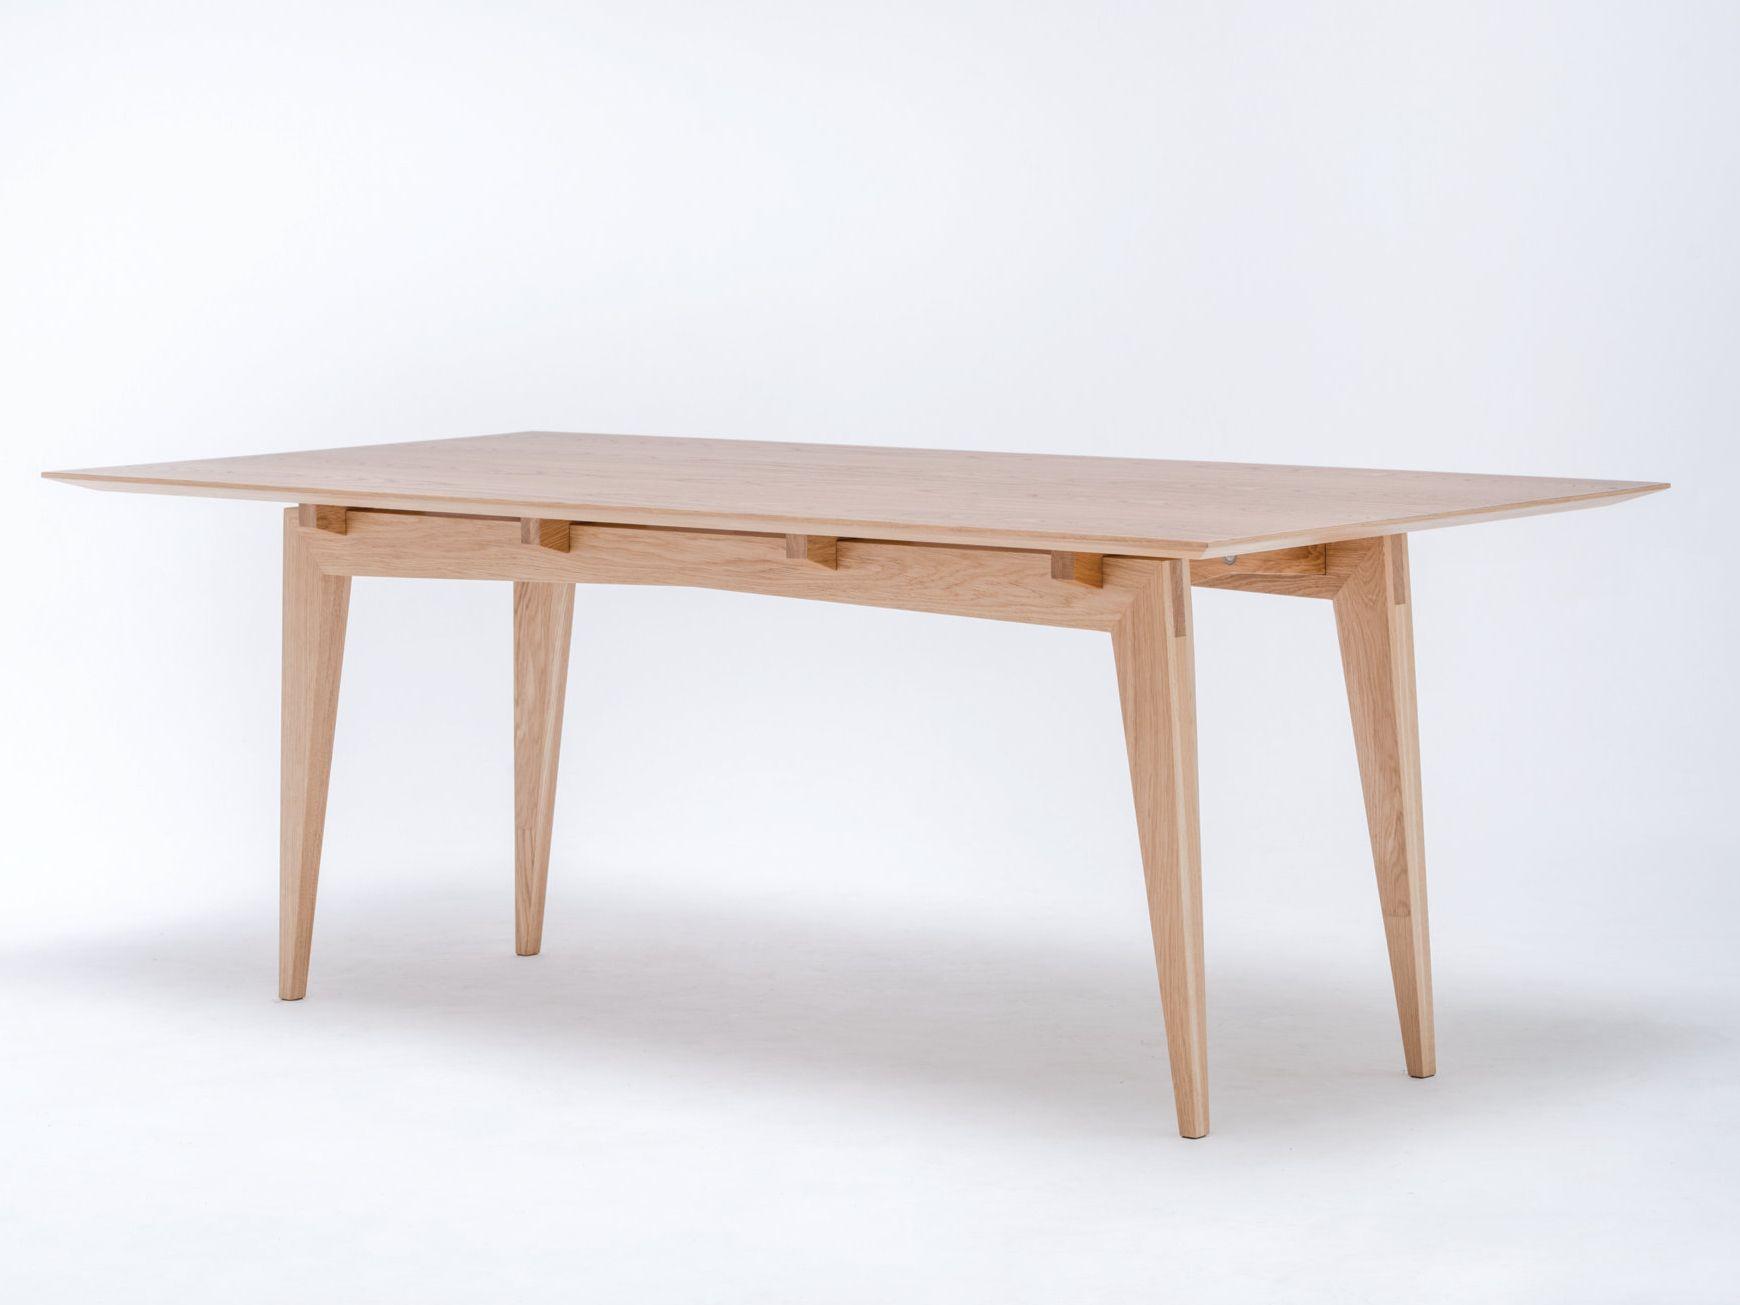 Tavolo Da Pranzo Rettangolare In Legno Timavo By Linfa Design Pictures  #804B25 1740 1305 Dimensioni Tavolo Da Pranzo Per 10 Persone